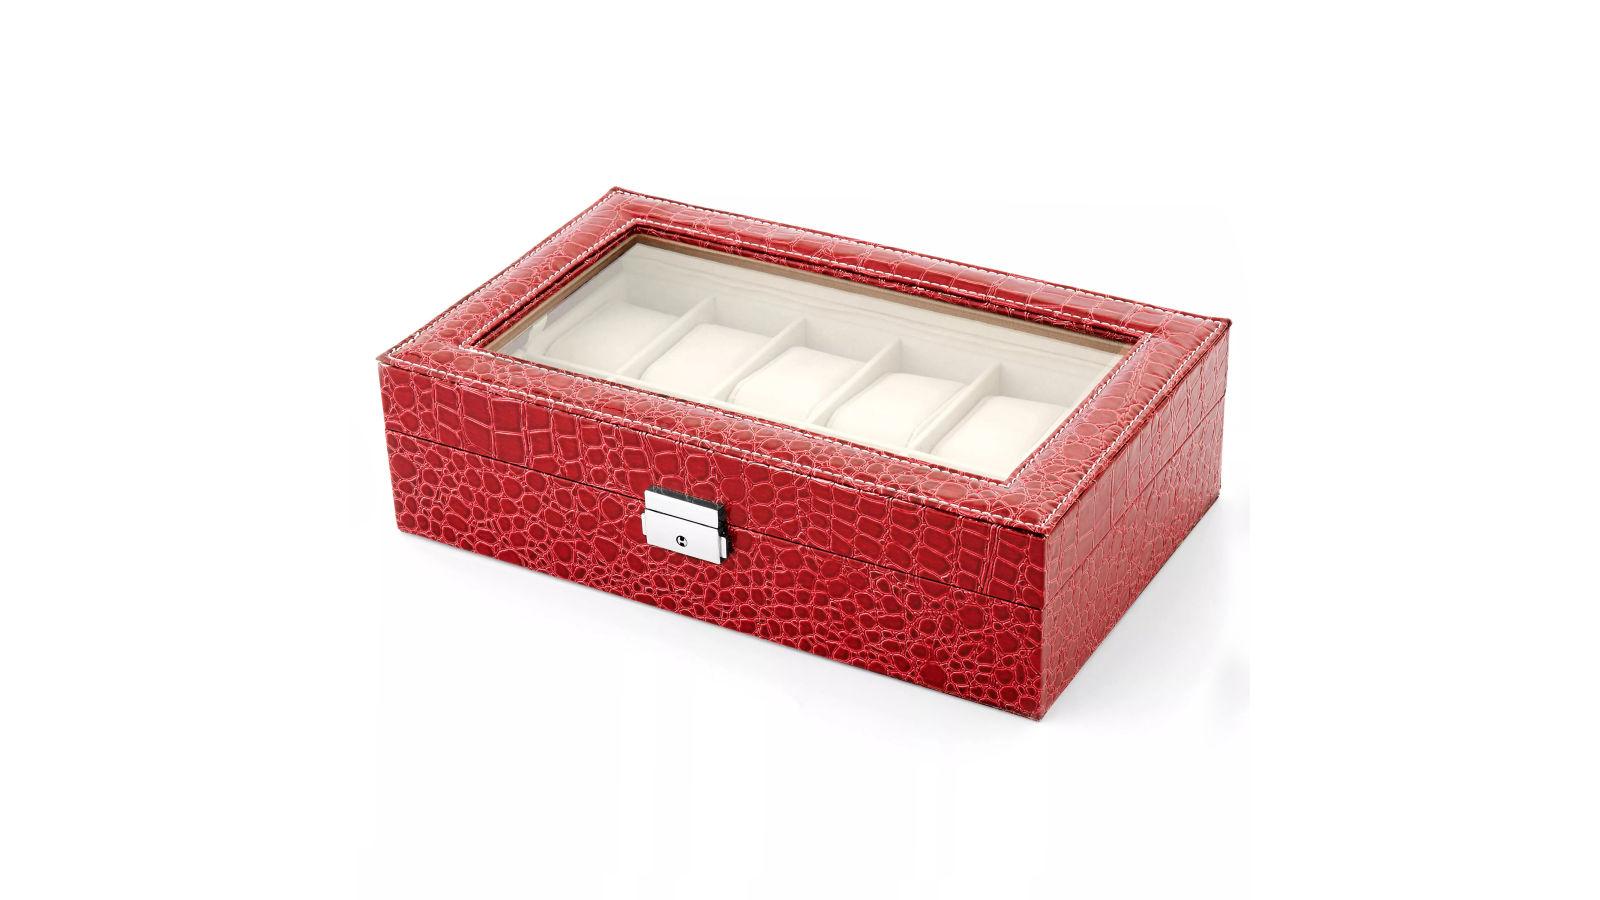 Coffret pour montre de couleur rose motif crocodile 12 montres port gratuit warren asher - Trend corner frais de port gratuit ...